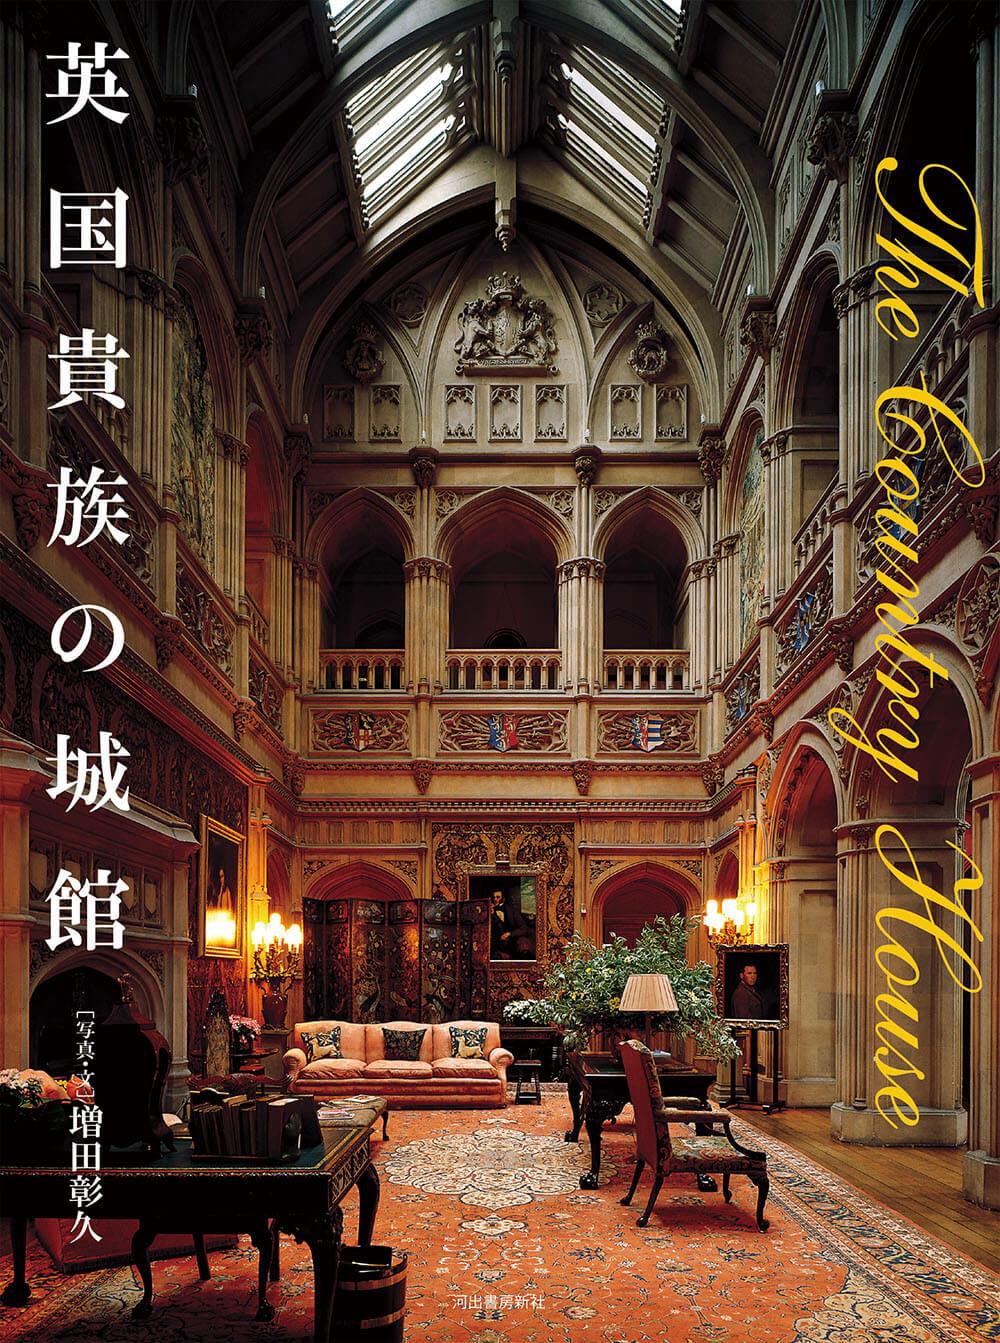 英国貴族のカントリー・ハウスを一挙公開! 豪華本『英国貴族の城館』発売